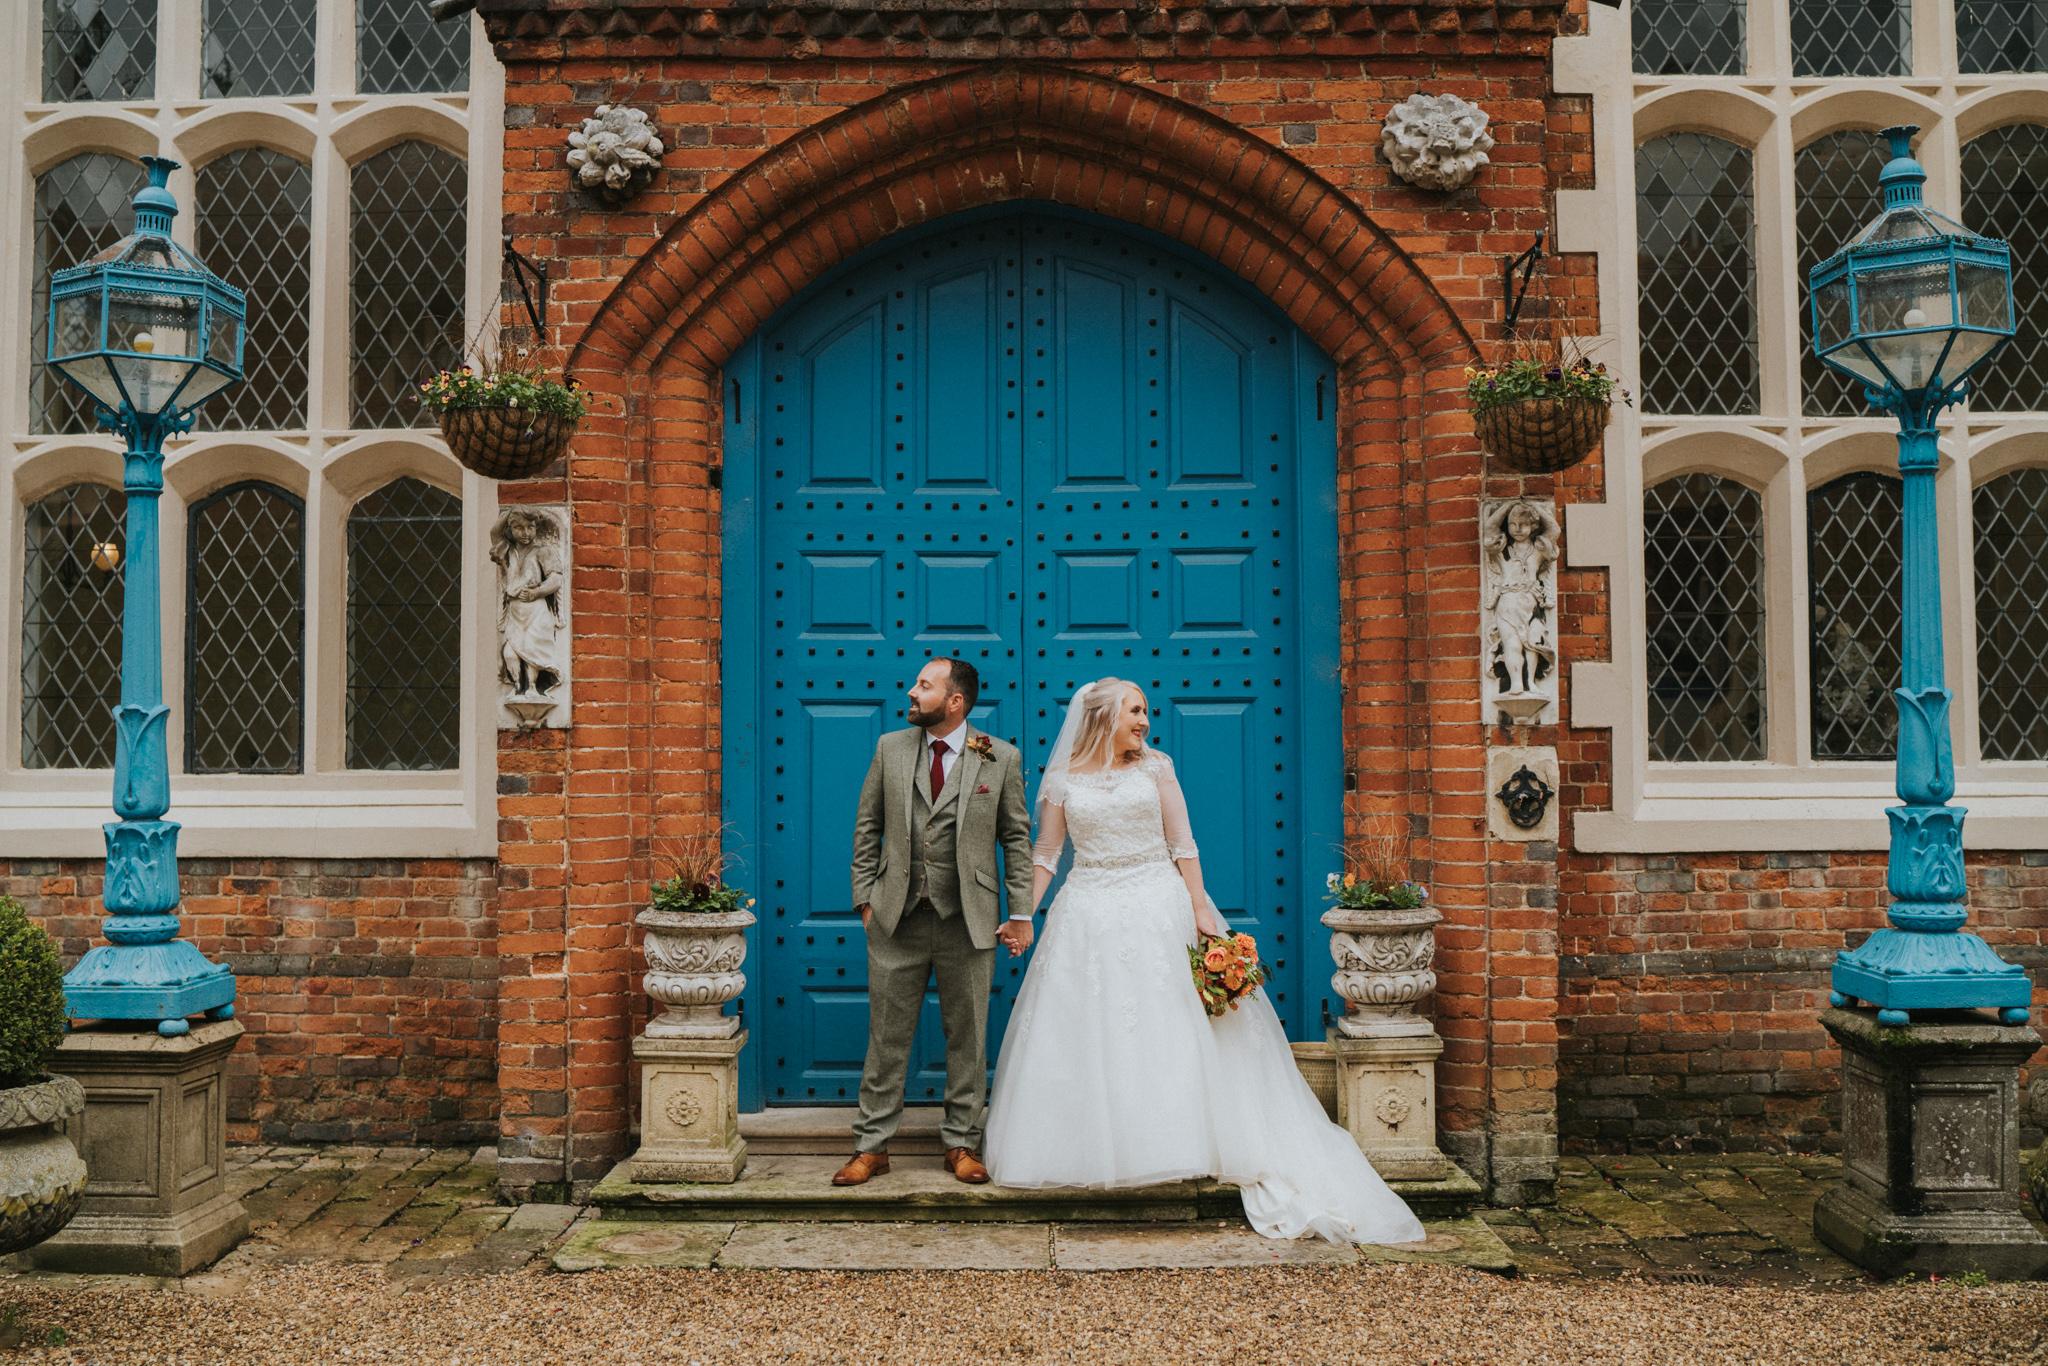 chara-neil-gosfield-hall-wedding-grace-elizabeth-colchester-essex-alternative-wedding-photographer-essex-devon-suffolk-norfolk (36 of 50).jpg